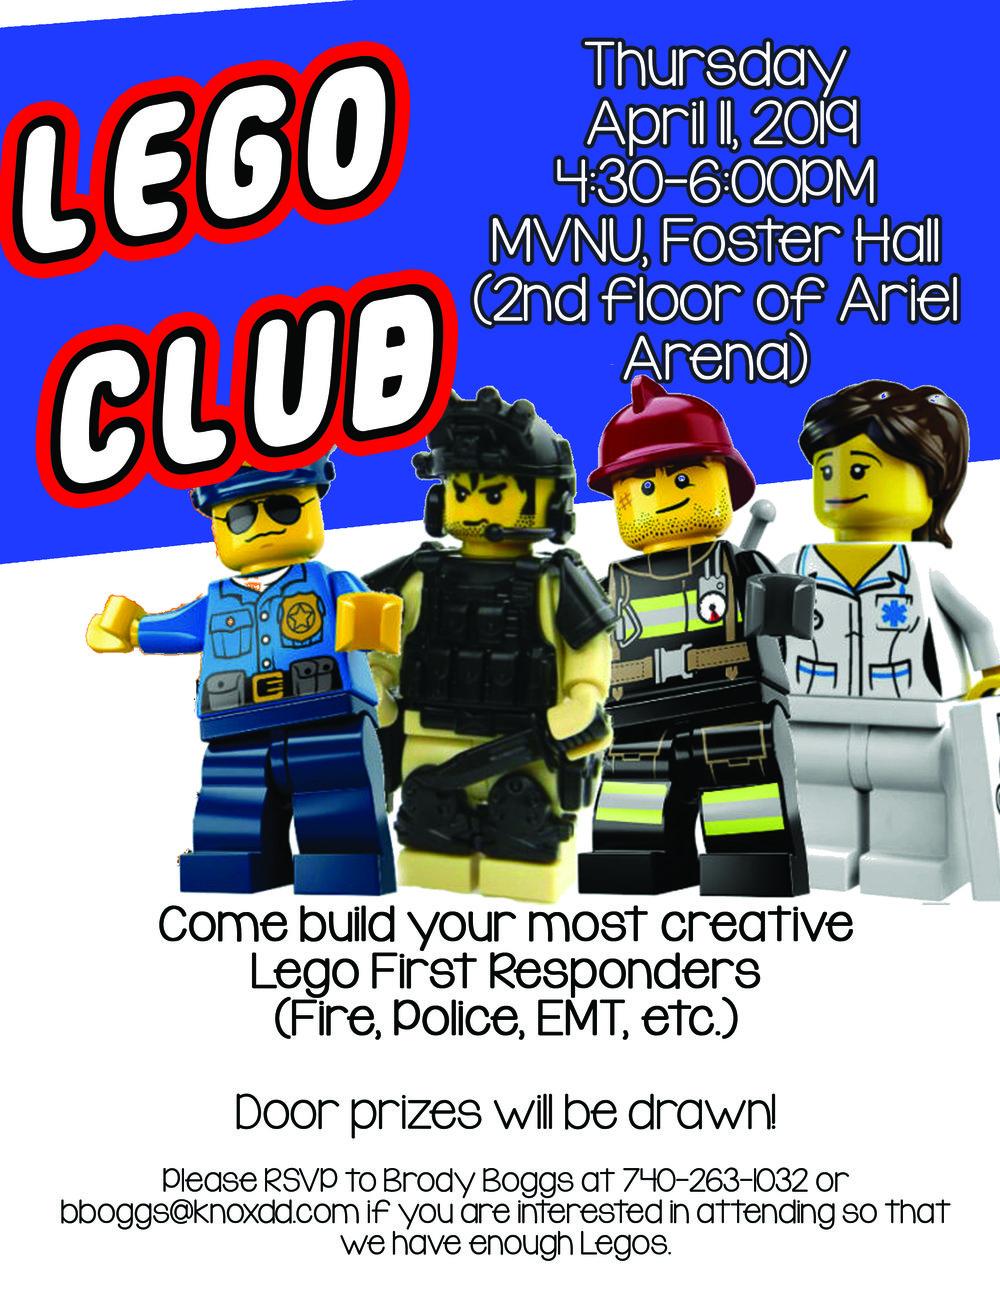 Lego Club flyer April 11.jpg